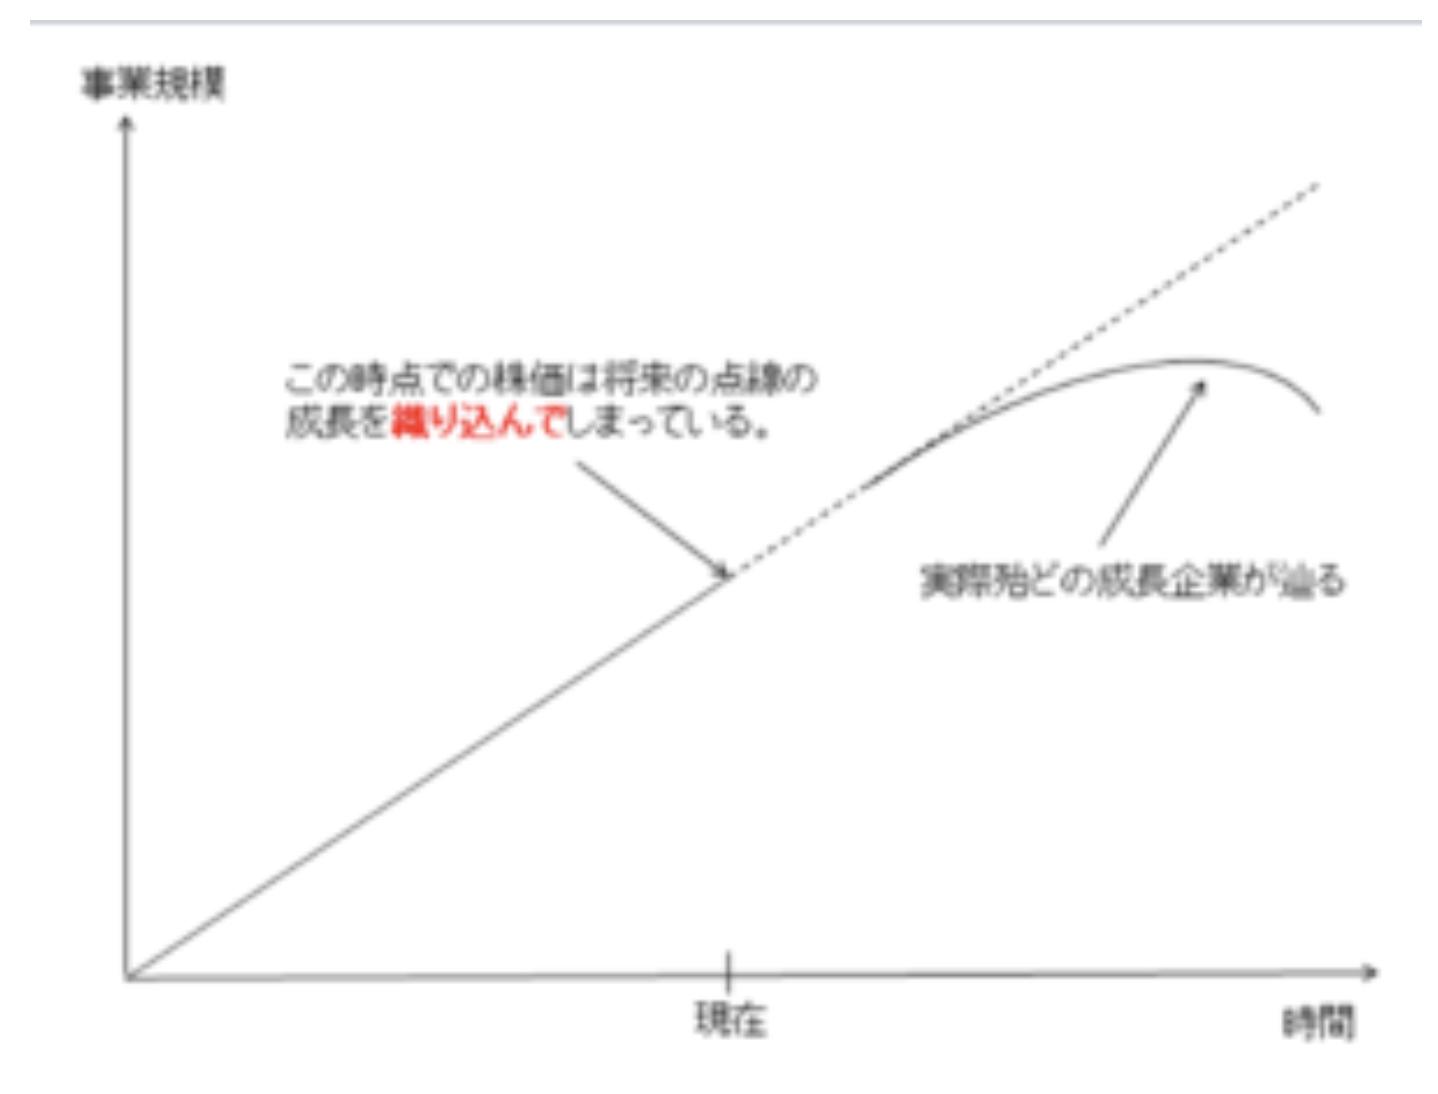 成長株(グロース株)